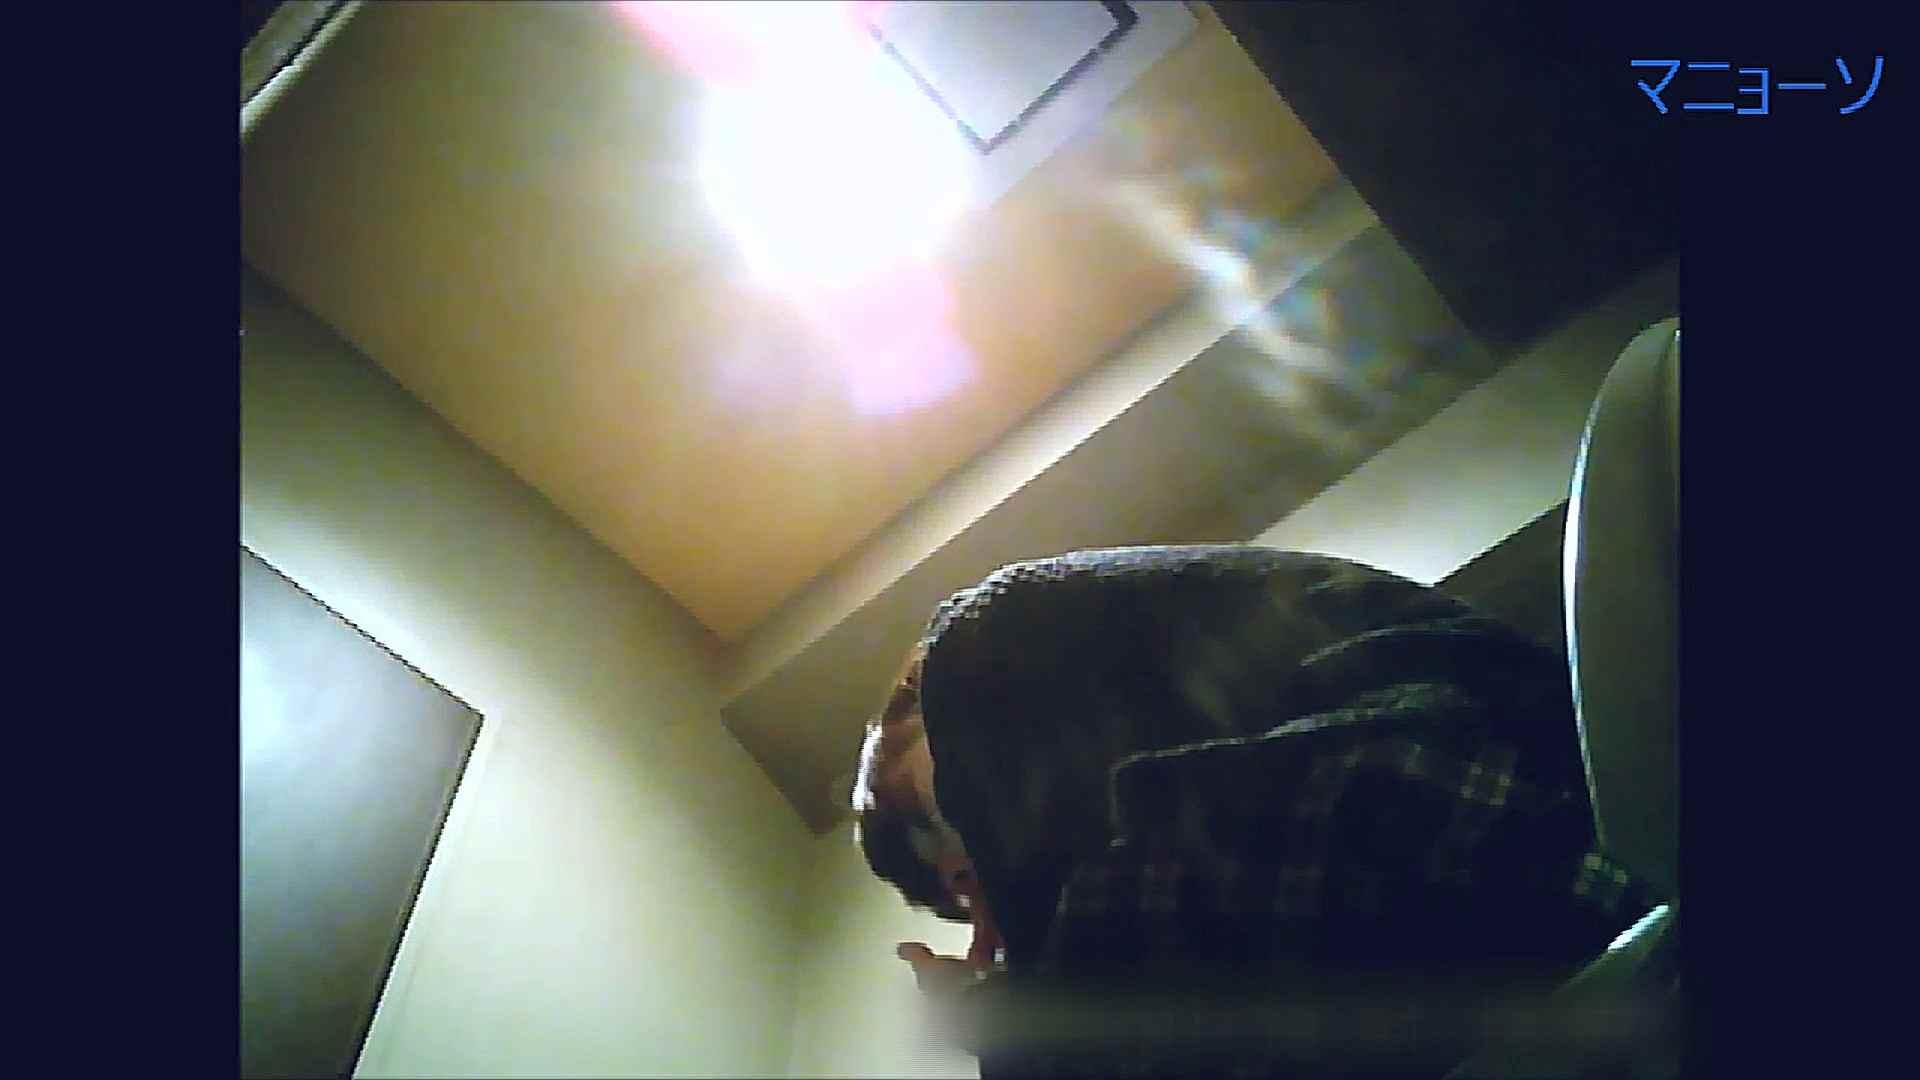 トイレでひと肌脱いでもらいました (OL編)Vol.13 お姉さんのSEX ワレメ動画紹介 81枚 10